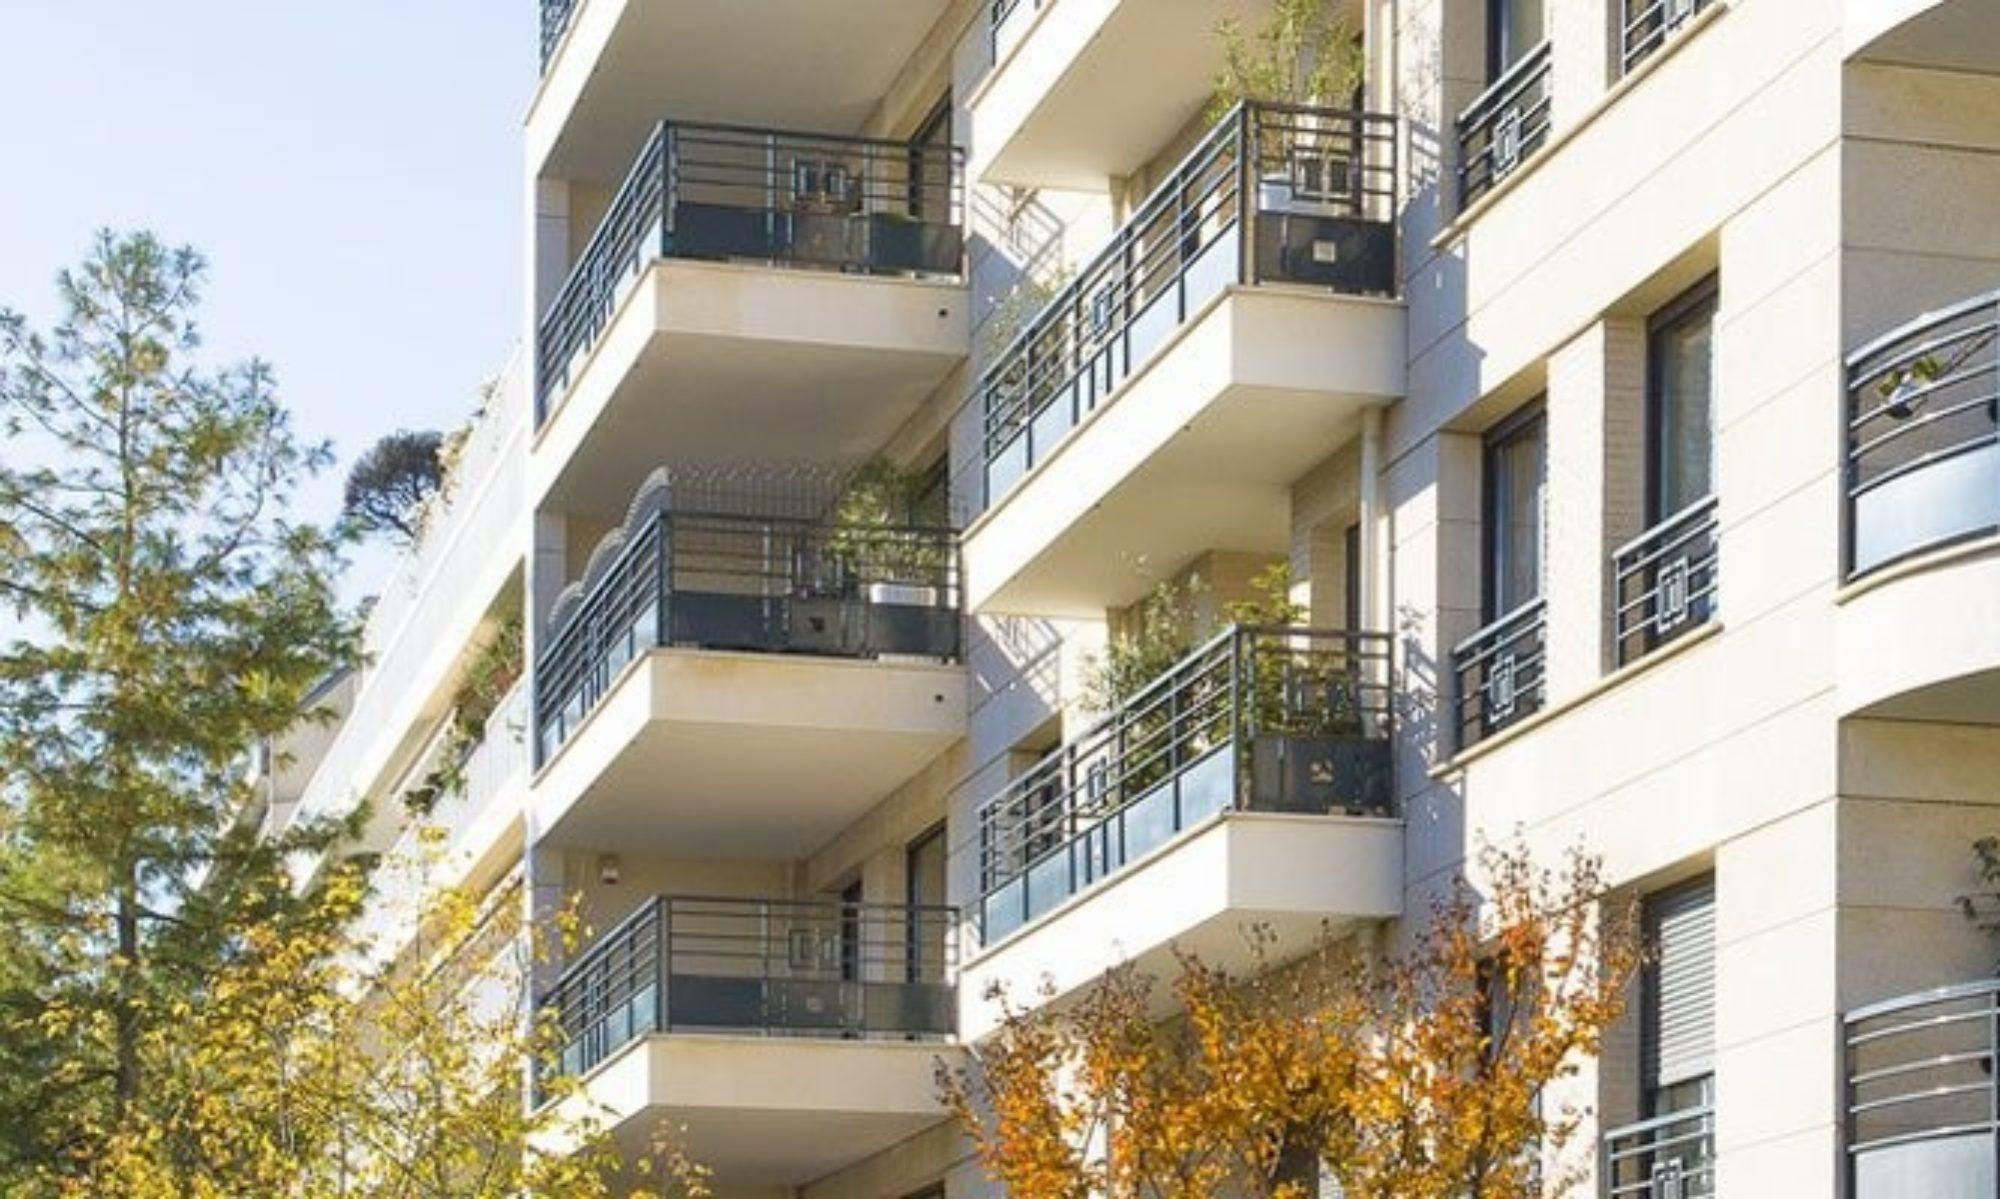 Immo 93, Home 21 votre agence immobiliere sur Livry Gargan dans le 93